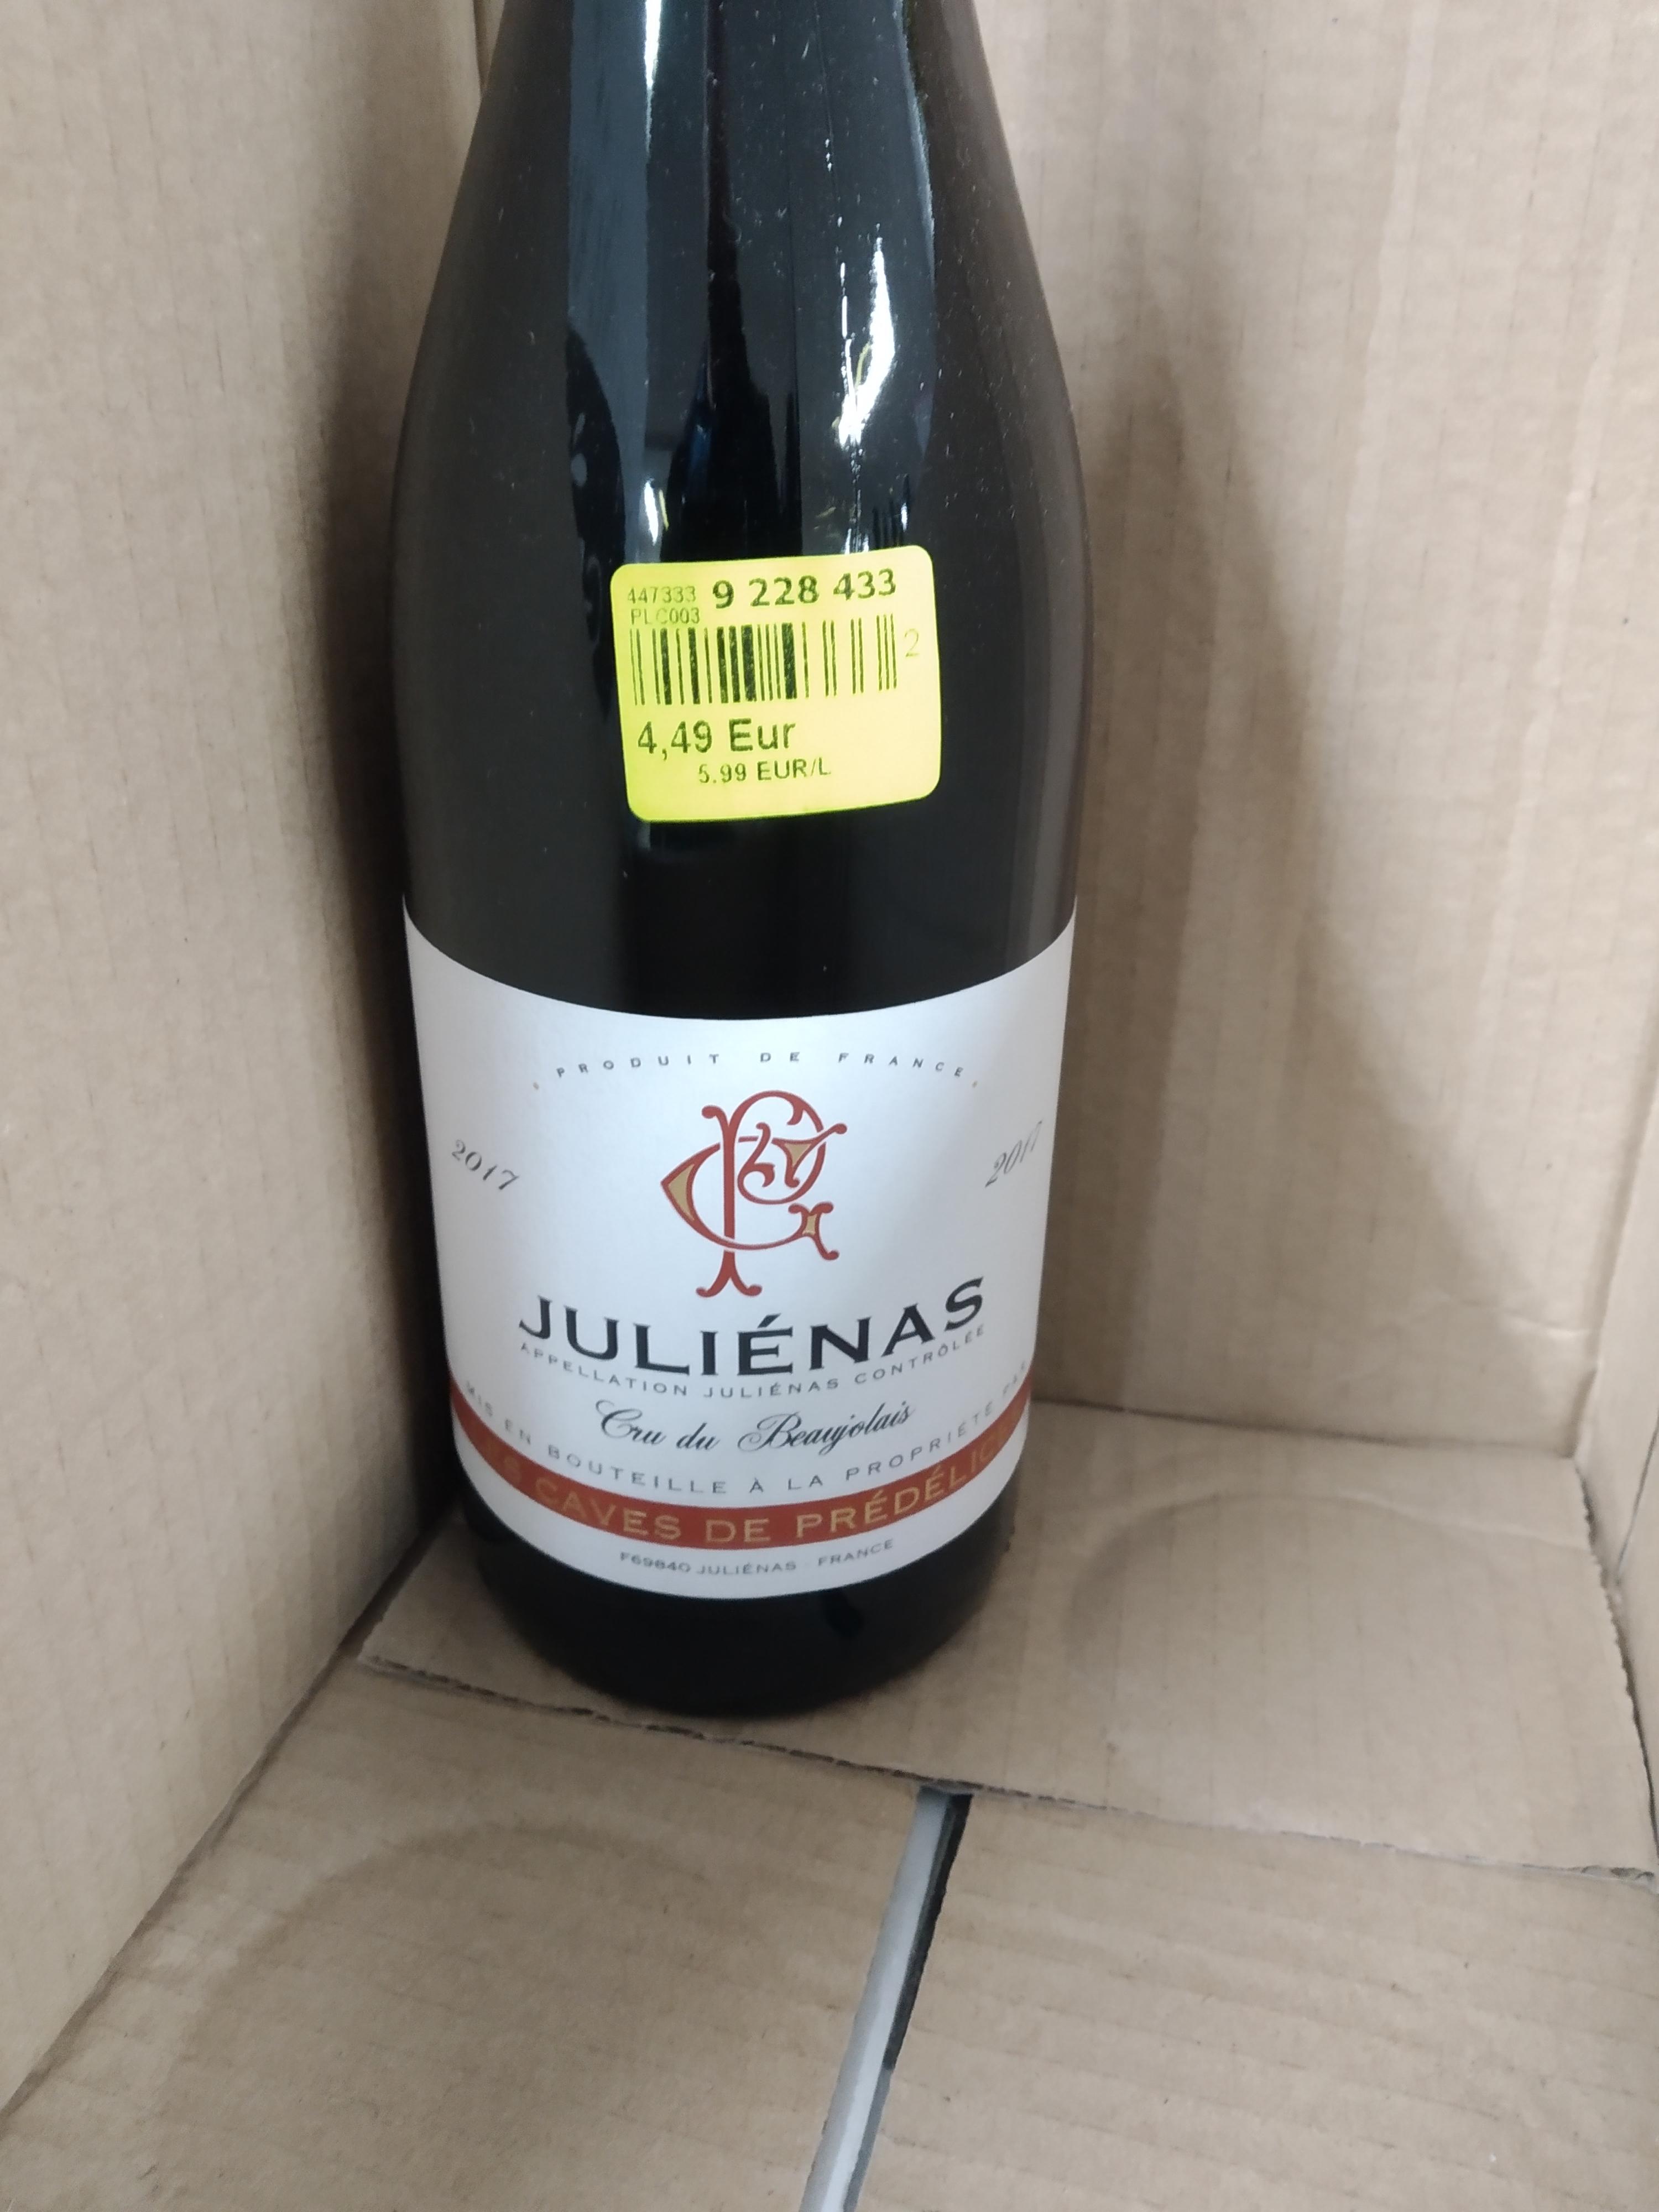 Bouteille de vin Julienas 2017 - Noz à St Génie Pouilly (01)